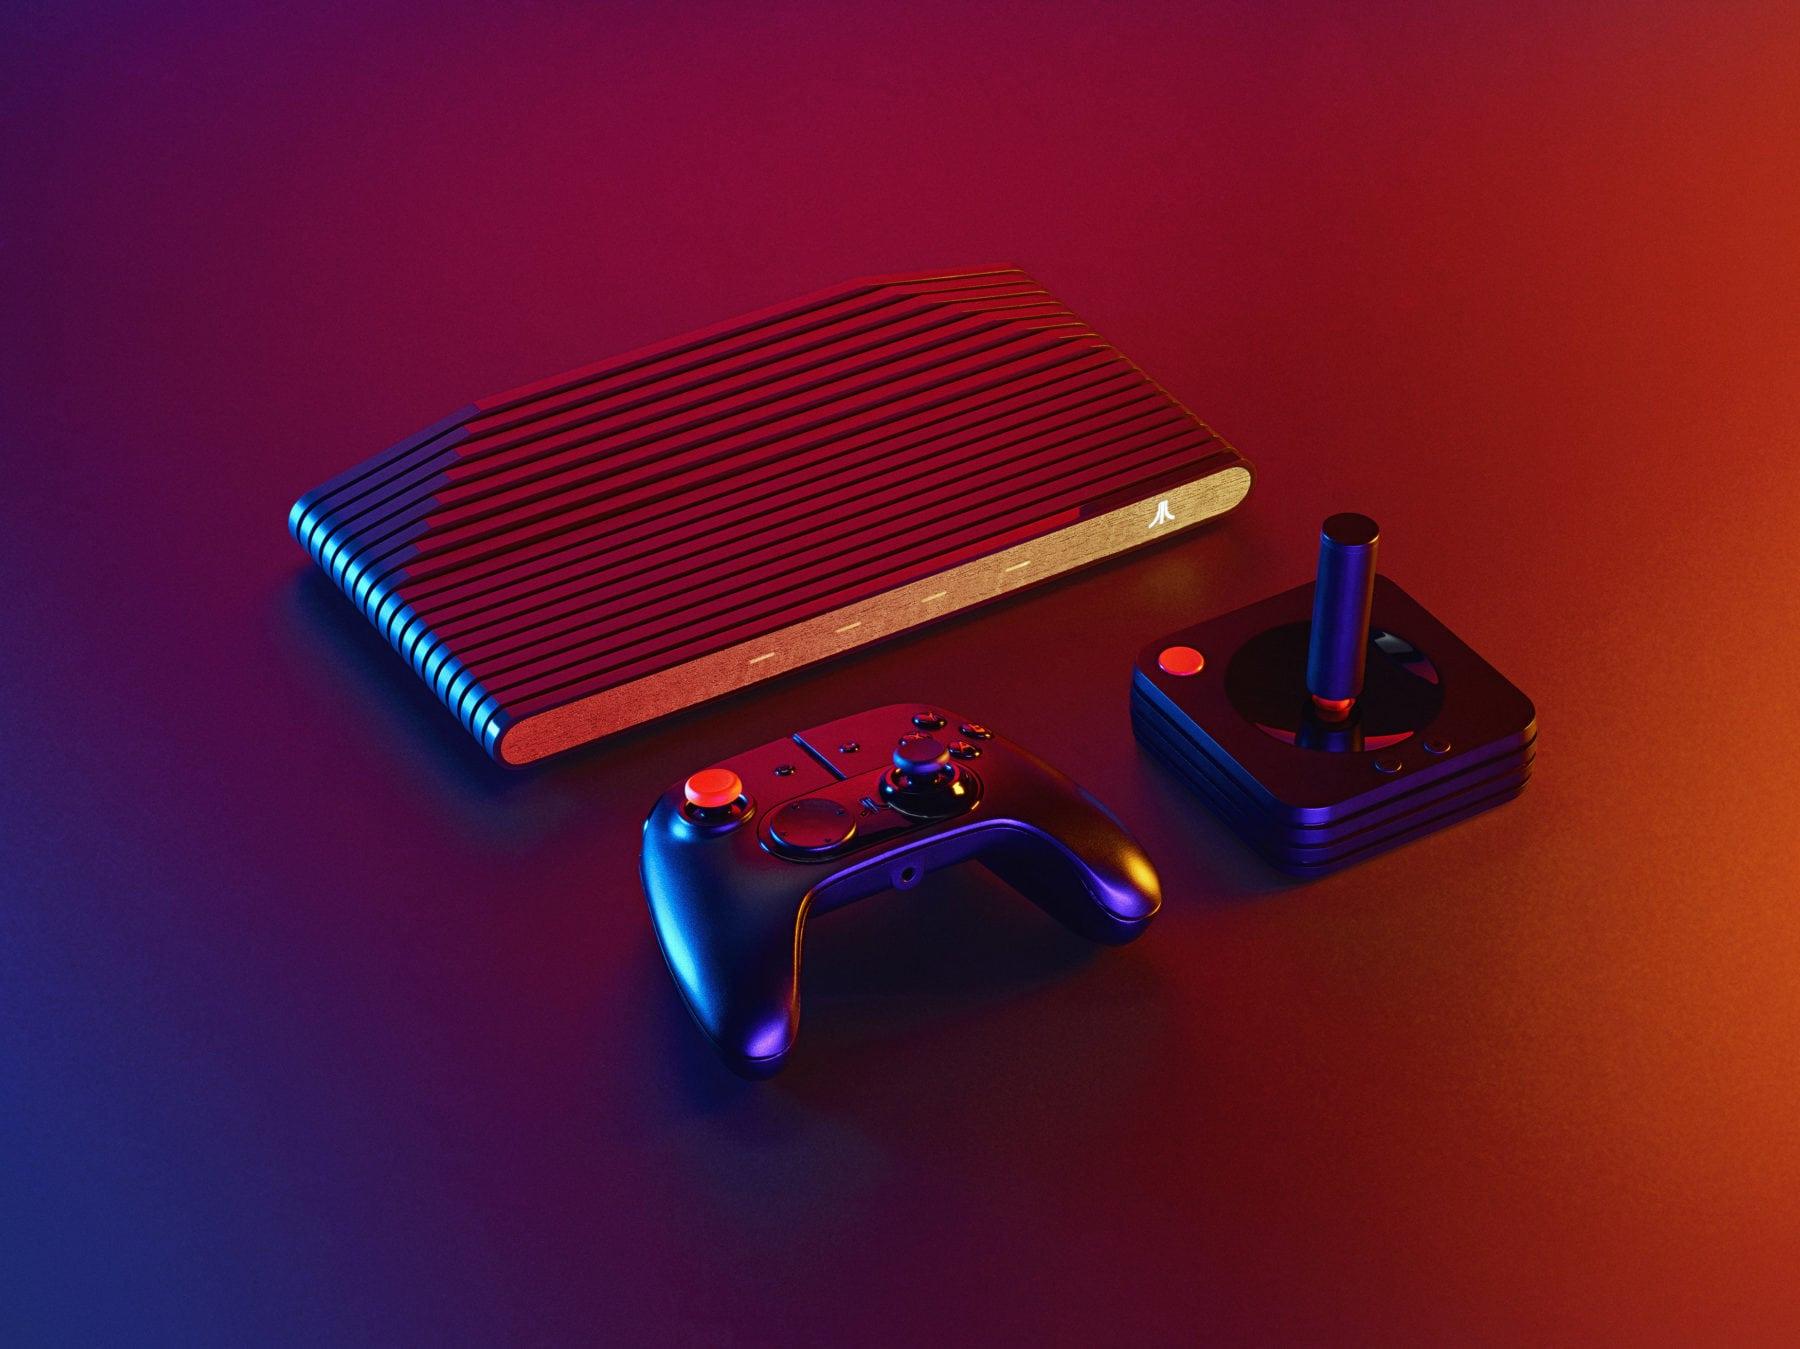 Atari VCS ahora disponible para pre-pedido, lanzamiento del video lanzado